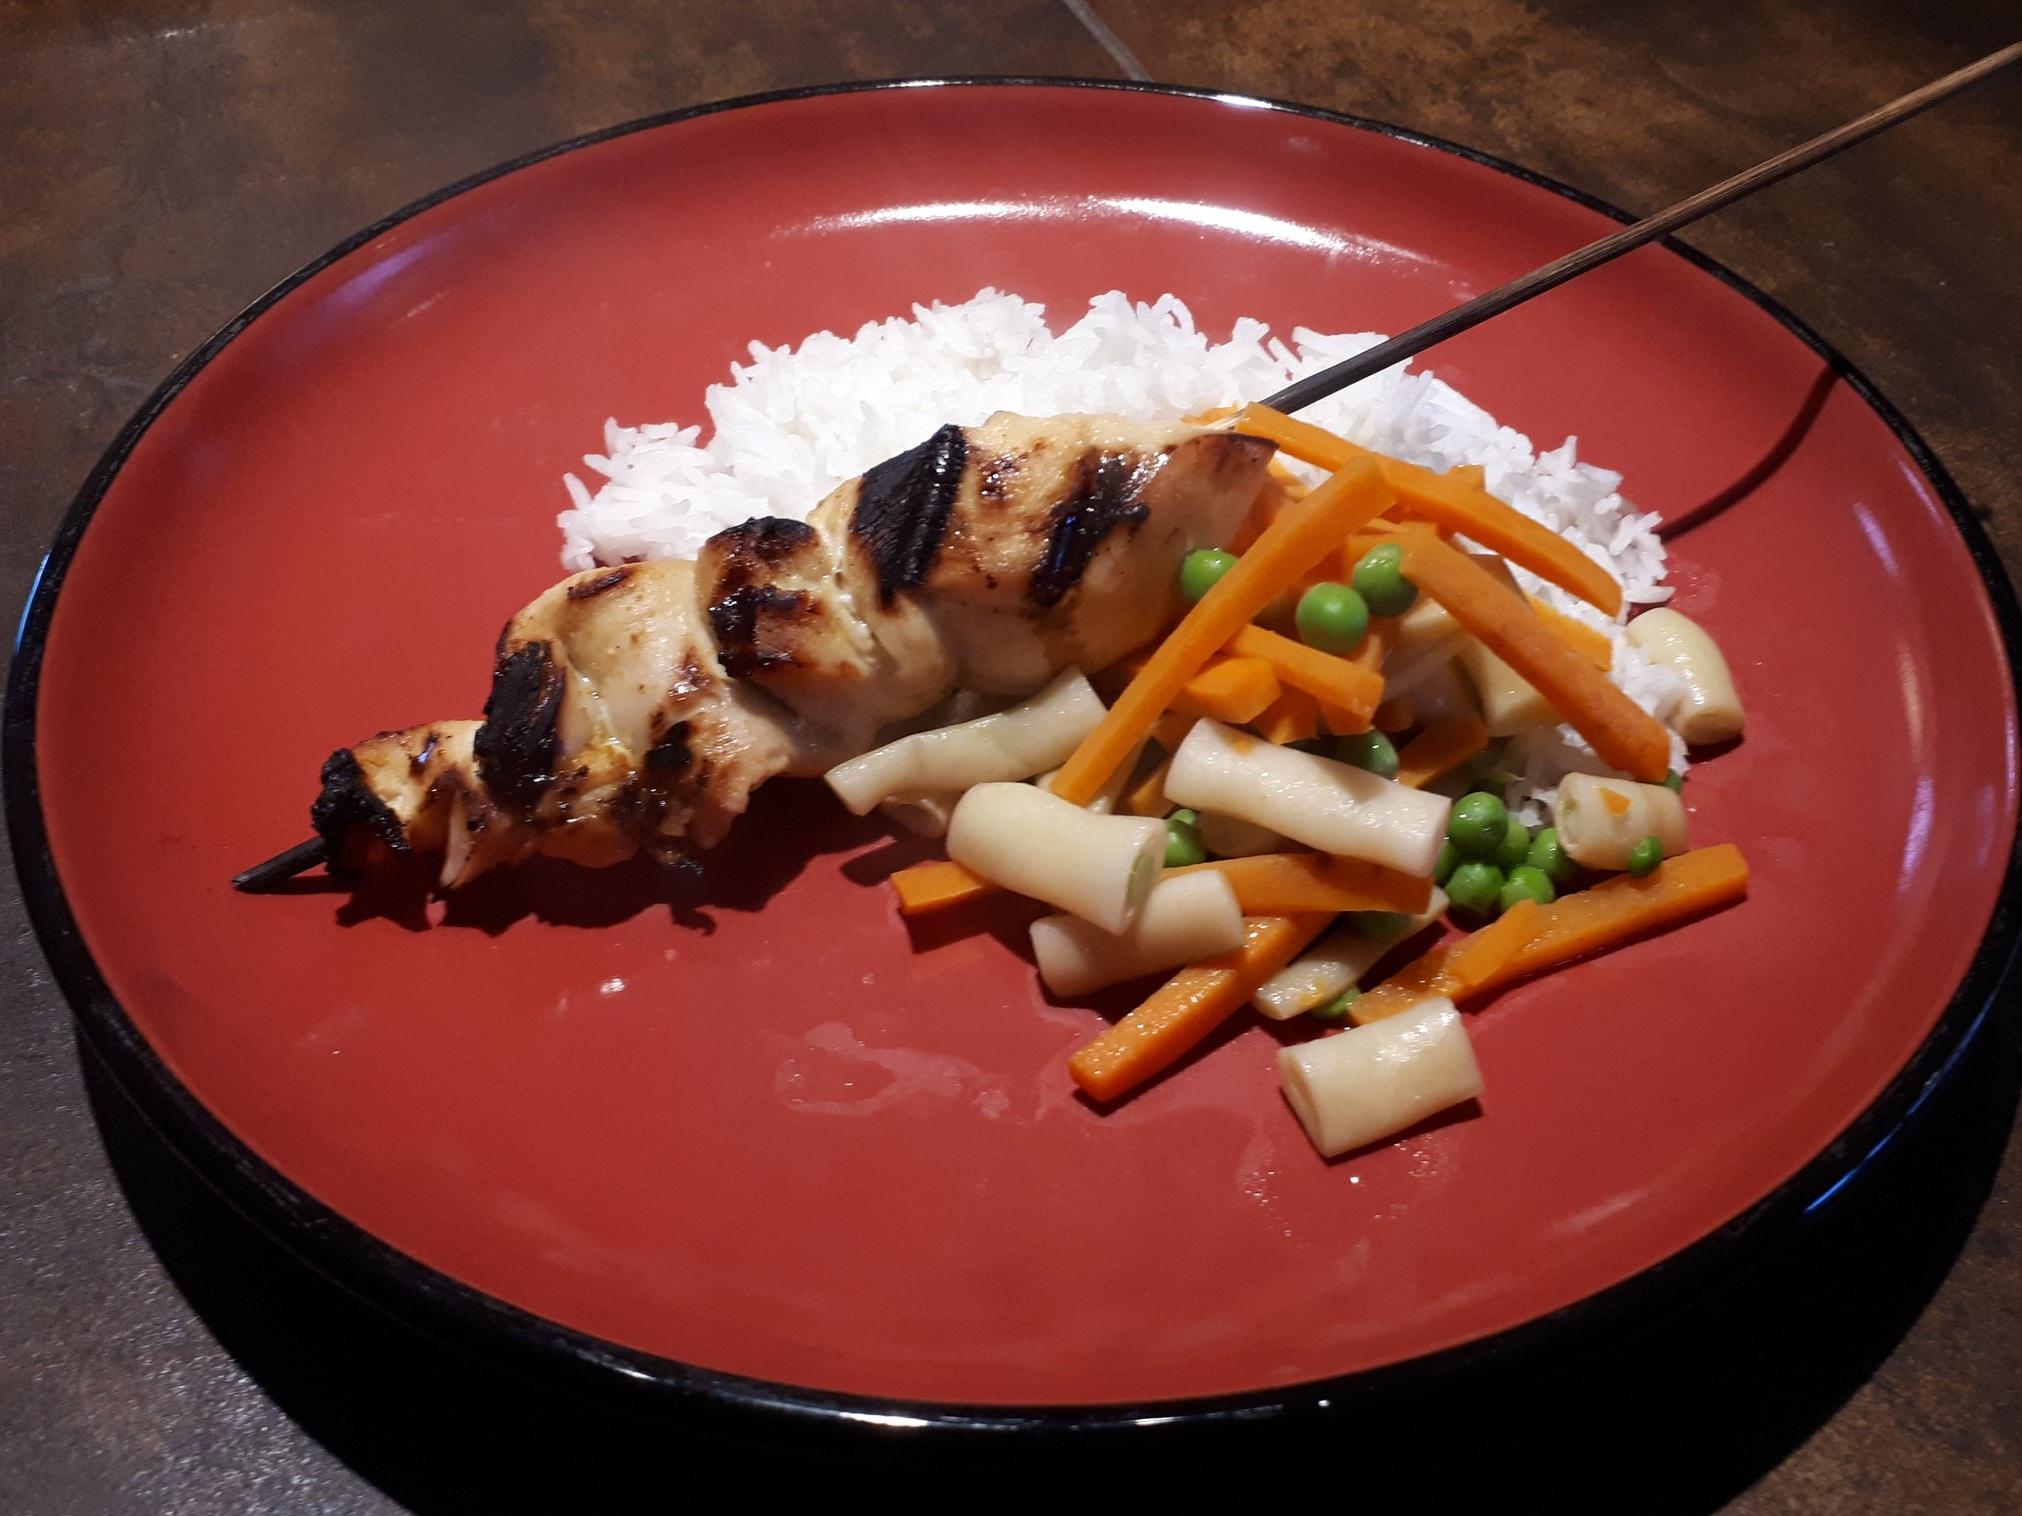 recette-bbq-brochette-poulet-terrasse-été